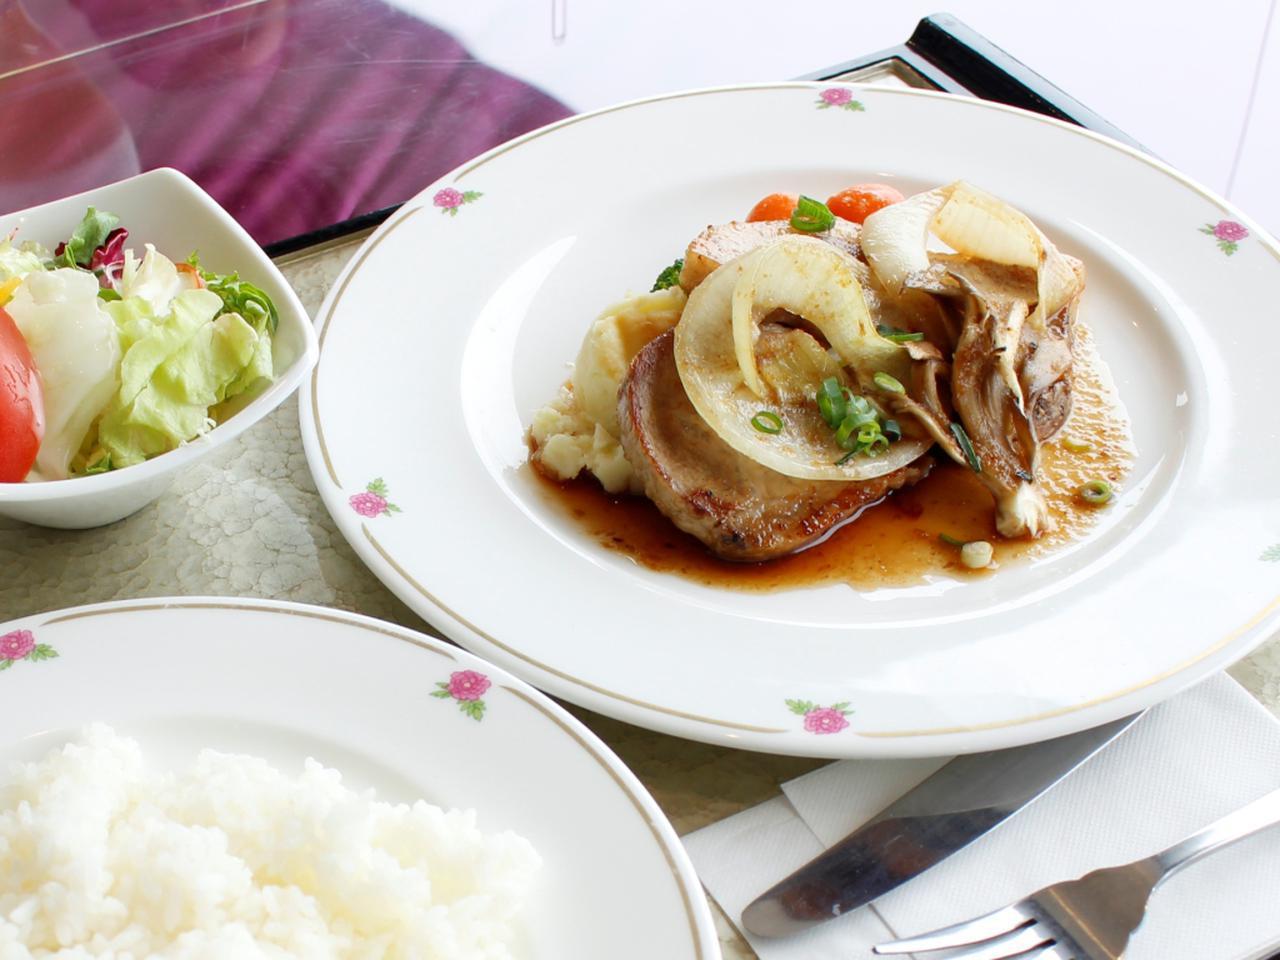 画像: 食べごたえ満点! 厚切りポークジンジャーステーキ(1870円)。分厚い豚ロースをやわらかくジューシーに焼き上げたしょうが焼き。玉ねぎもやわらかい!